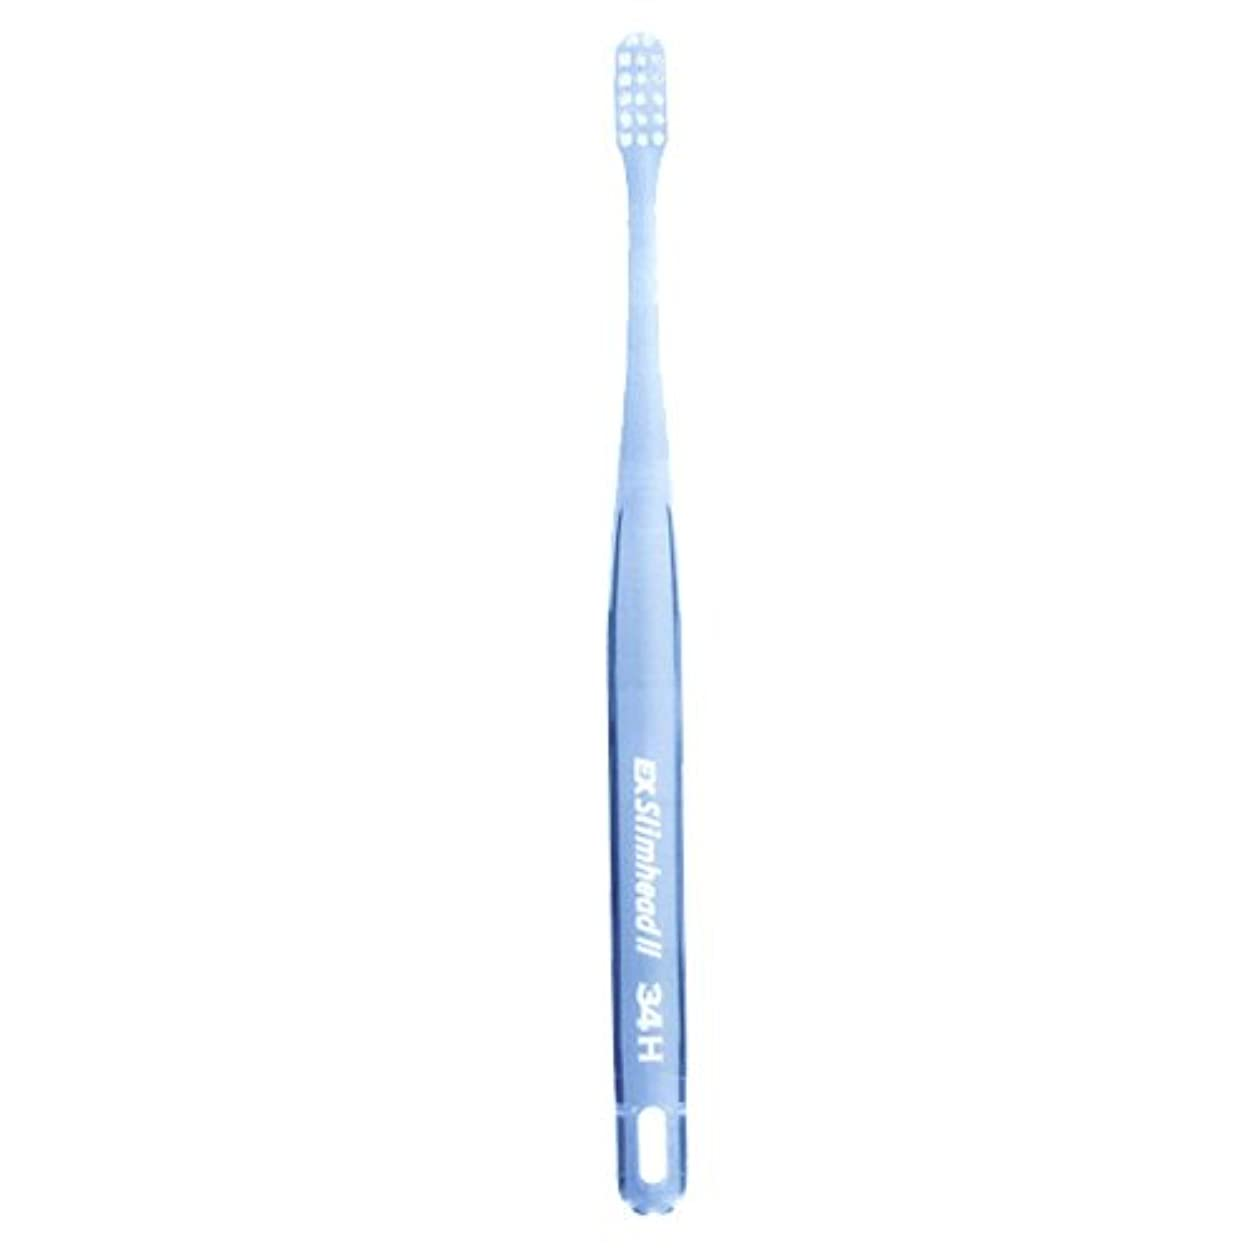 ライオン スリムヘッド2 歯ブラシ DENT . EX Slimhead2 1本 34S クリアブルー